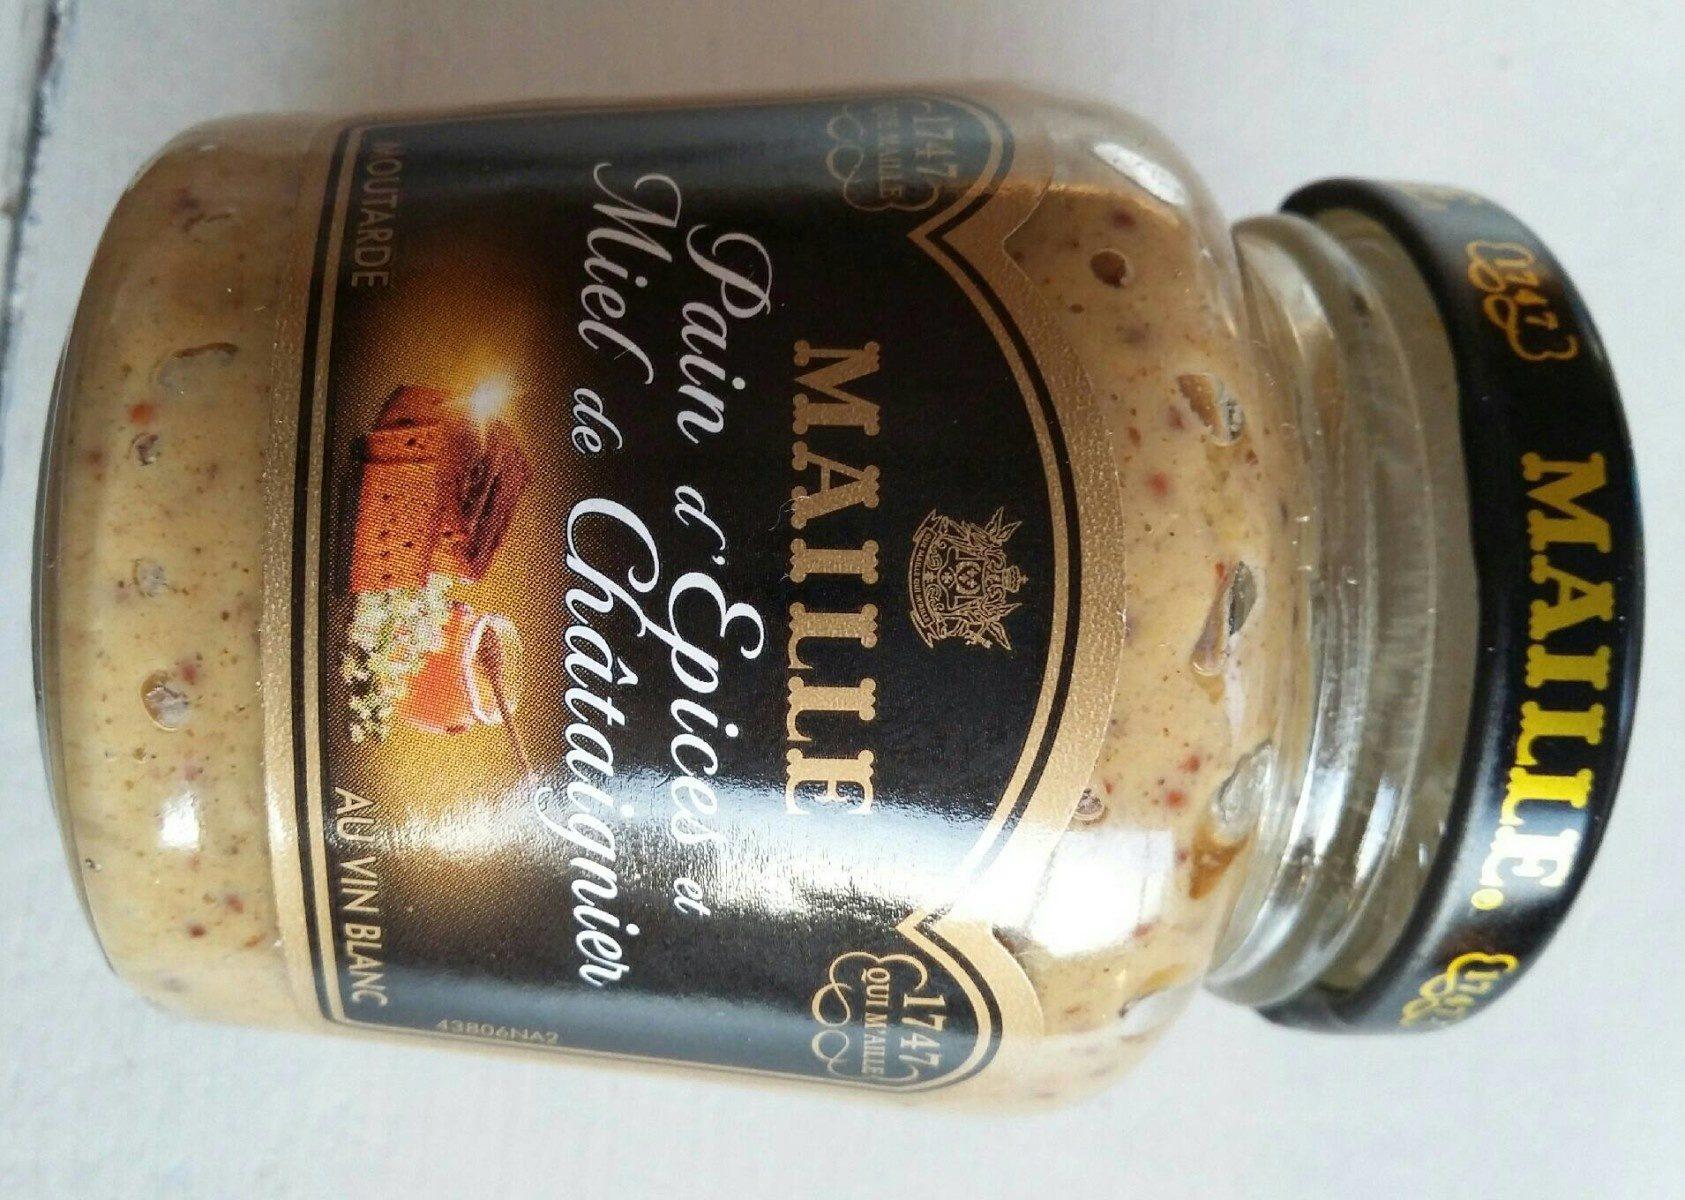 Moutarde vin blanc Pain épices miel chataigner - Product - fr